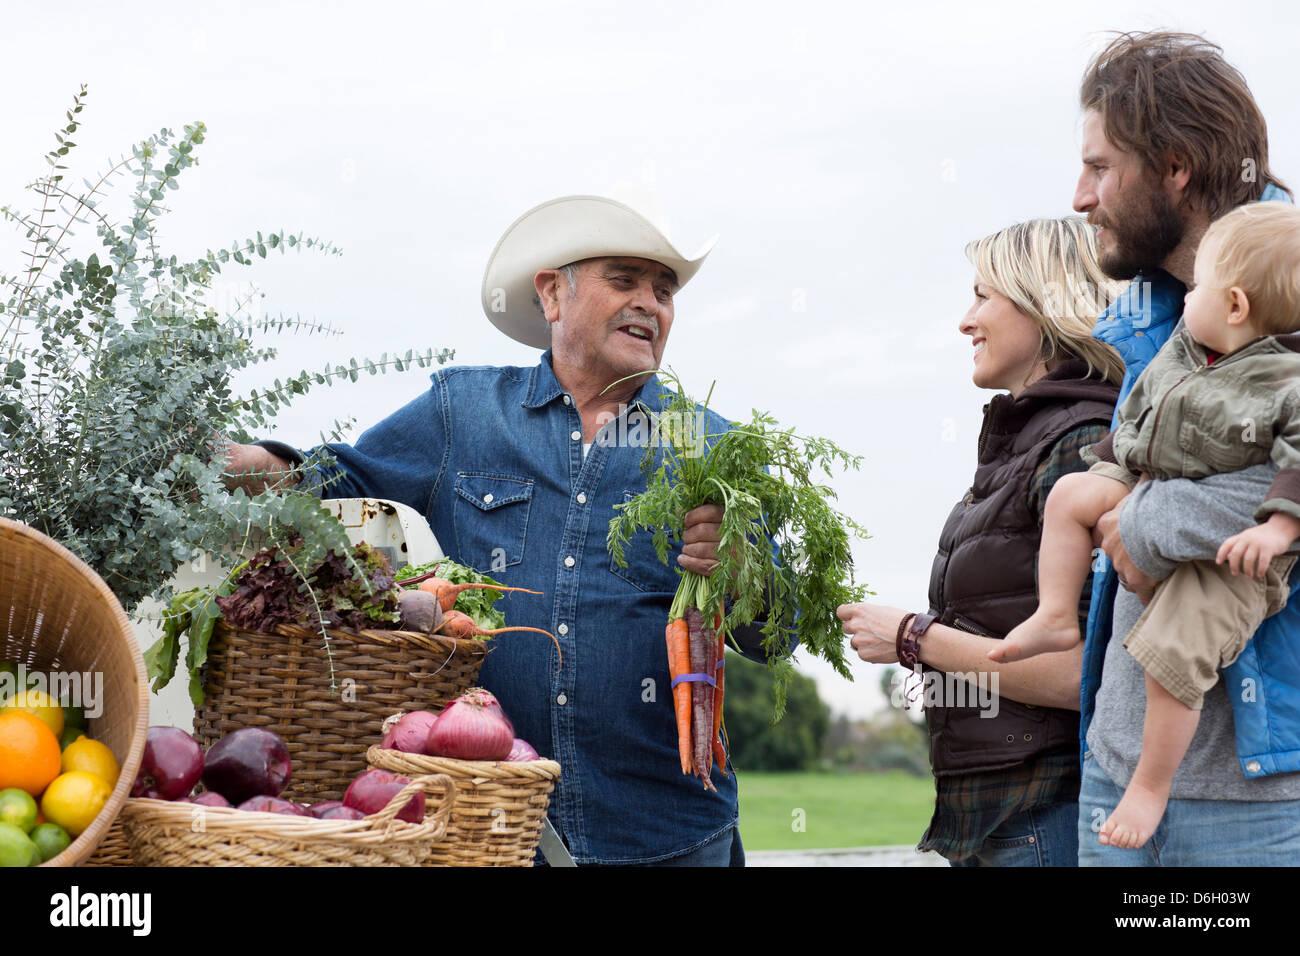 Famiglia shopping al mercato agricolo Immagini Stock